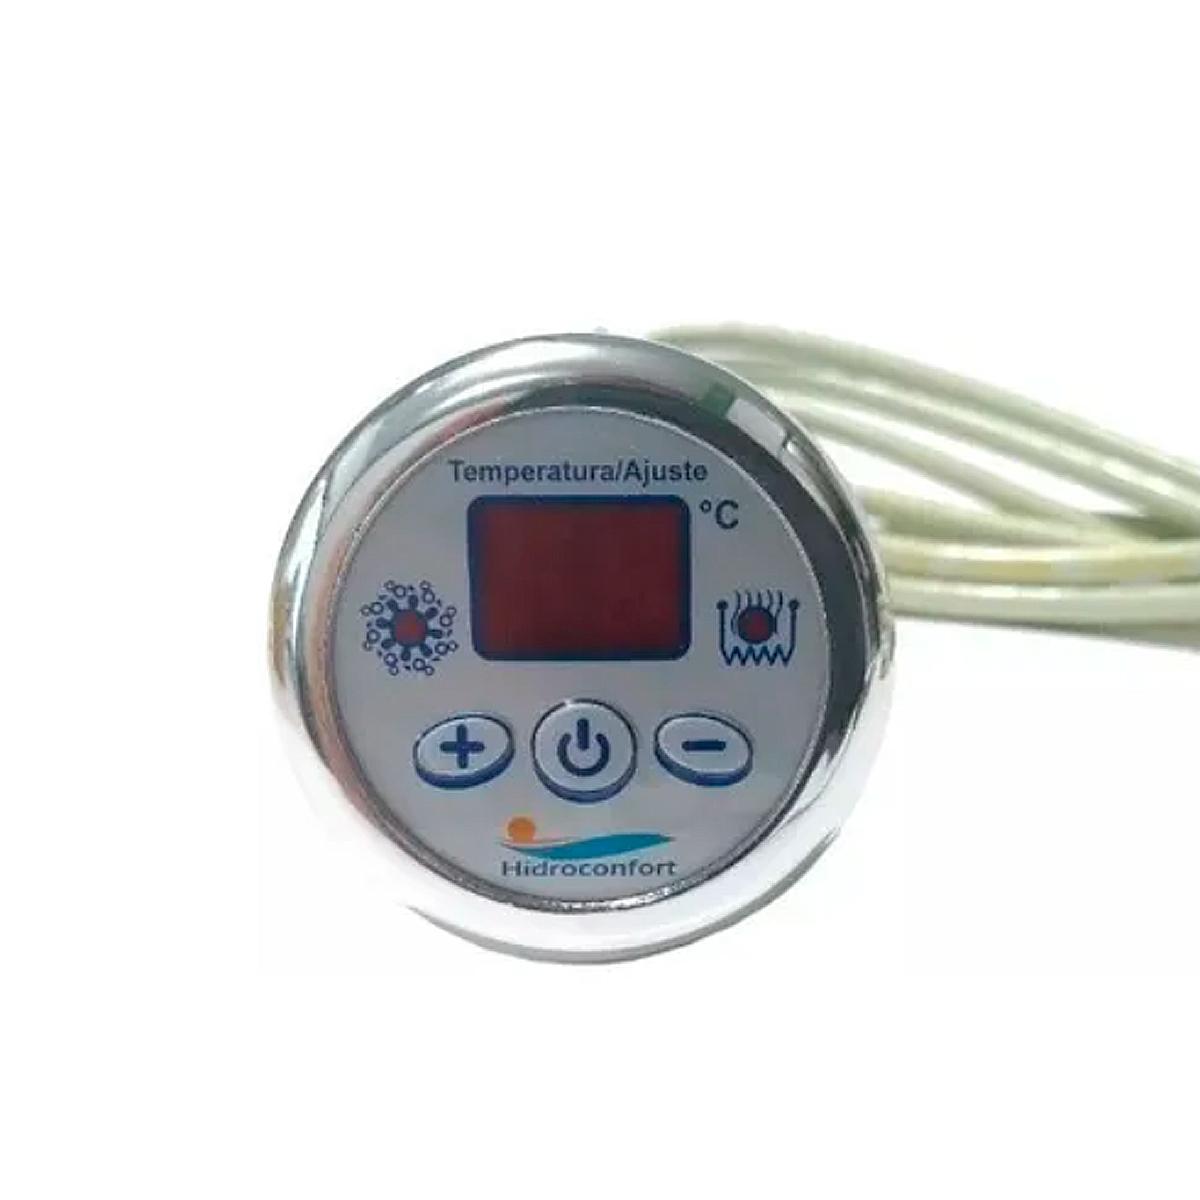 Aquecedor Hidroconfort 9000w 220v Hdcf Chrome Silver